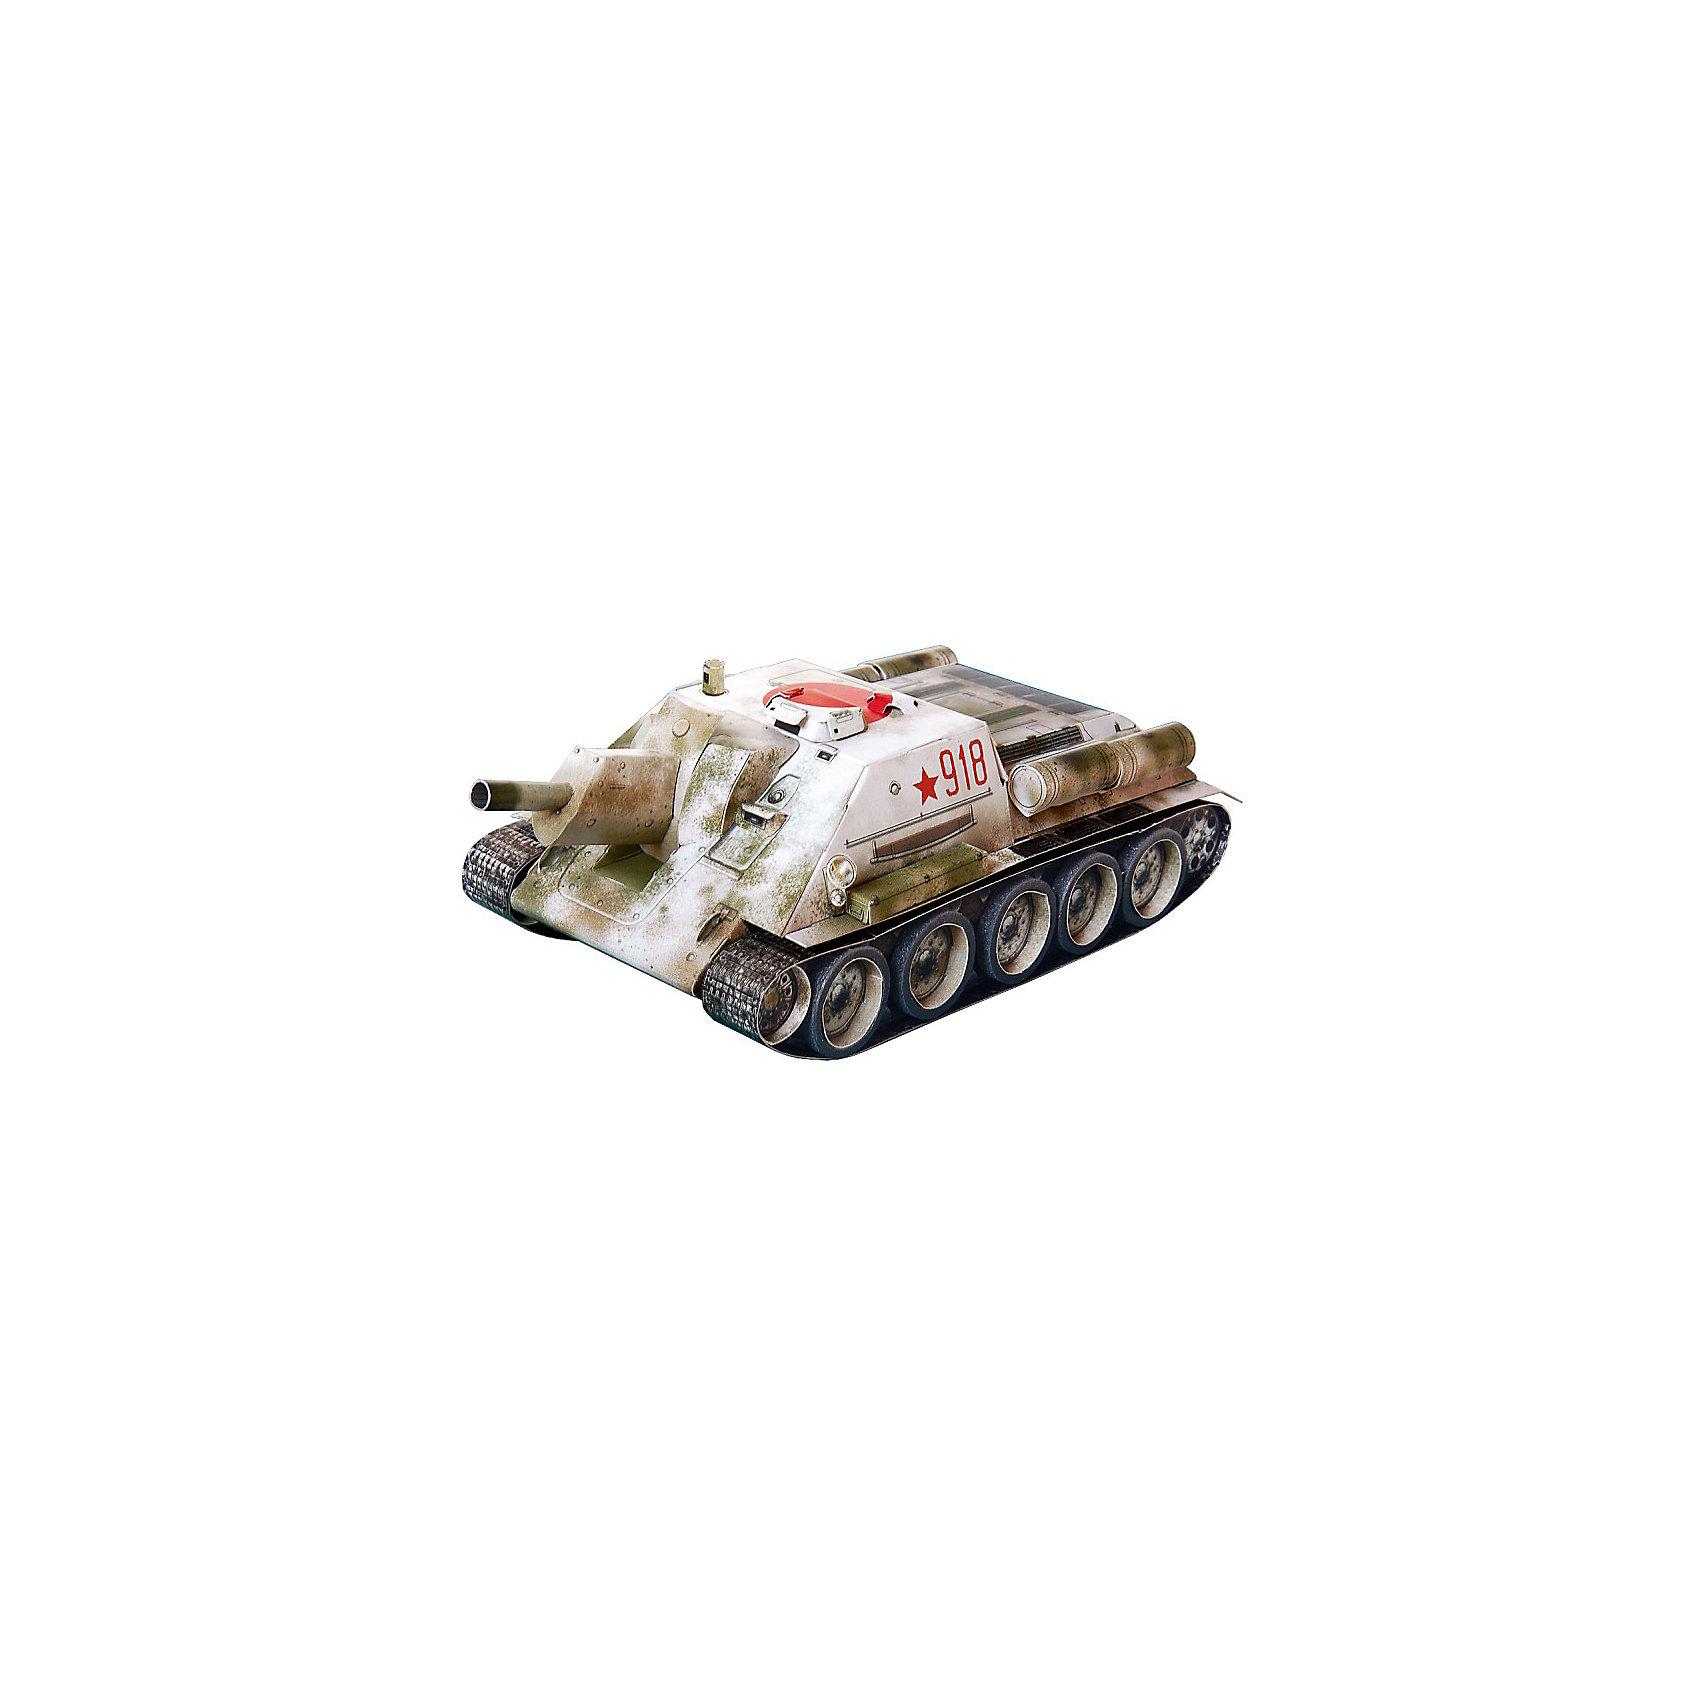 Сборная модель Самоходная артиллерийская установка СУ-122Самоходная артиллерийская установка СУ-122 - это первая серийная самоходка Красной Армии в годы Великой Отечественной Войны. Из 638 выпущенных машин до настоящего времени сохранилась только одна. Сборная модель выполнена в масштабе 1:35. Высокая степень детализации и реалистичные детали делают сборку конструктора очень интересным занятием. Принцип соединения деталей запатентован: все соединения разработаны и рассчитаны с такой точностью, что с правильно собранной игрушкой можно играть, как с обычной. Конструирование увлекательный и полезный процесс, развивающий мелкую моторику, внимание, усидчивость, пространственное мышление и фантазию. <br>Все сборные модели «Умная Бумага» разрабатываются на основе чертежей и фотографий оригинала. В их оформлении широко используются современные способы обработки бумаги для передачи рельефности поверхности, а для имитации хромированных и золоченых элементов применяется тиснение фольгой.<br><br>Дополнительная информация:<br><br>- Материал: картон.<br>- Масштаб: 1:35.<br>- Размер модели: 20х9х6 см.<br>- Размер упаковки: 22х34 см.<br>- 68 деталей.<br><br>Сборную модель Самоходная артиллерийская установка СУ-122 можно купить в нашем магазине.<br><br>Ширина мм: 214<br>Глубина мм: 337<br>Высота мм: 4<br>Вес г: 140<br>Возраст от месяцев: 72<br>Возраст до месяцев: 168<br>Пол: Мужской<br>Возраст: Детский<br>SKU: 4697731